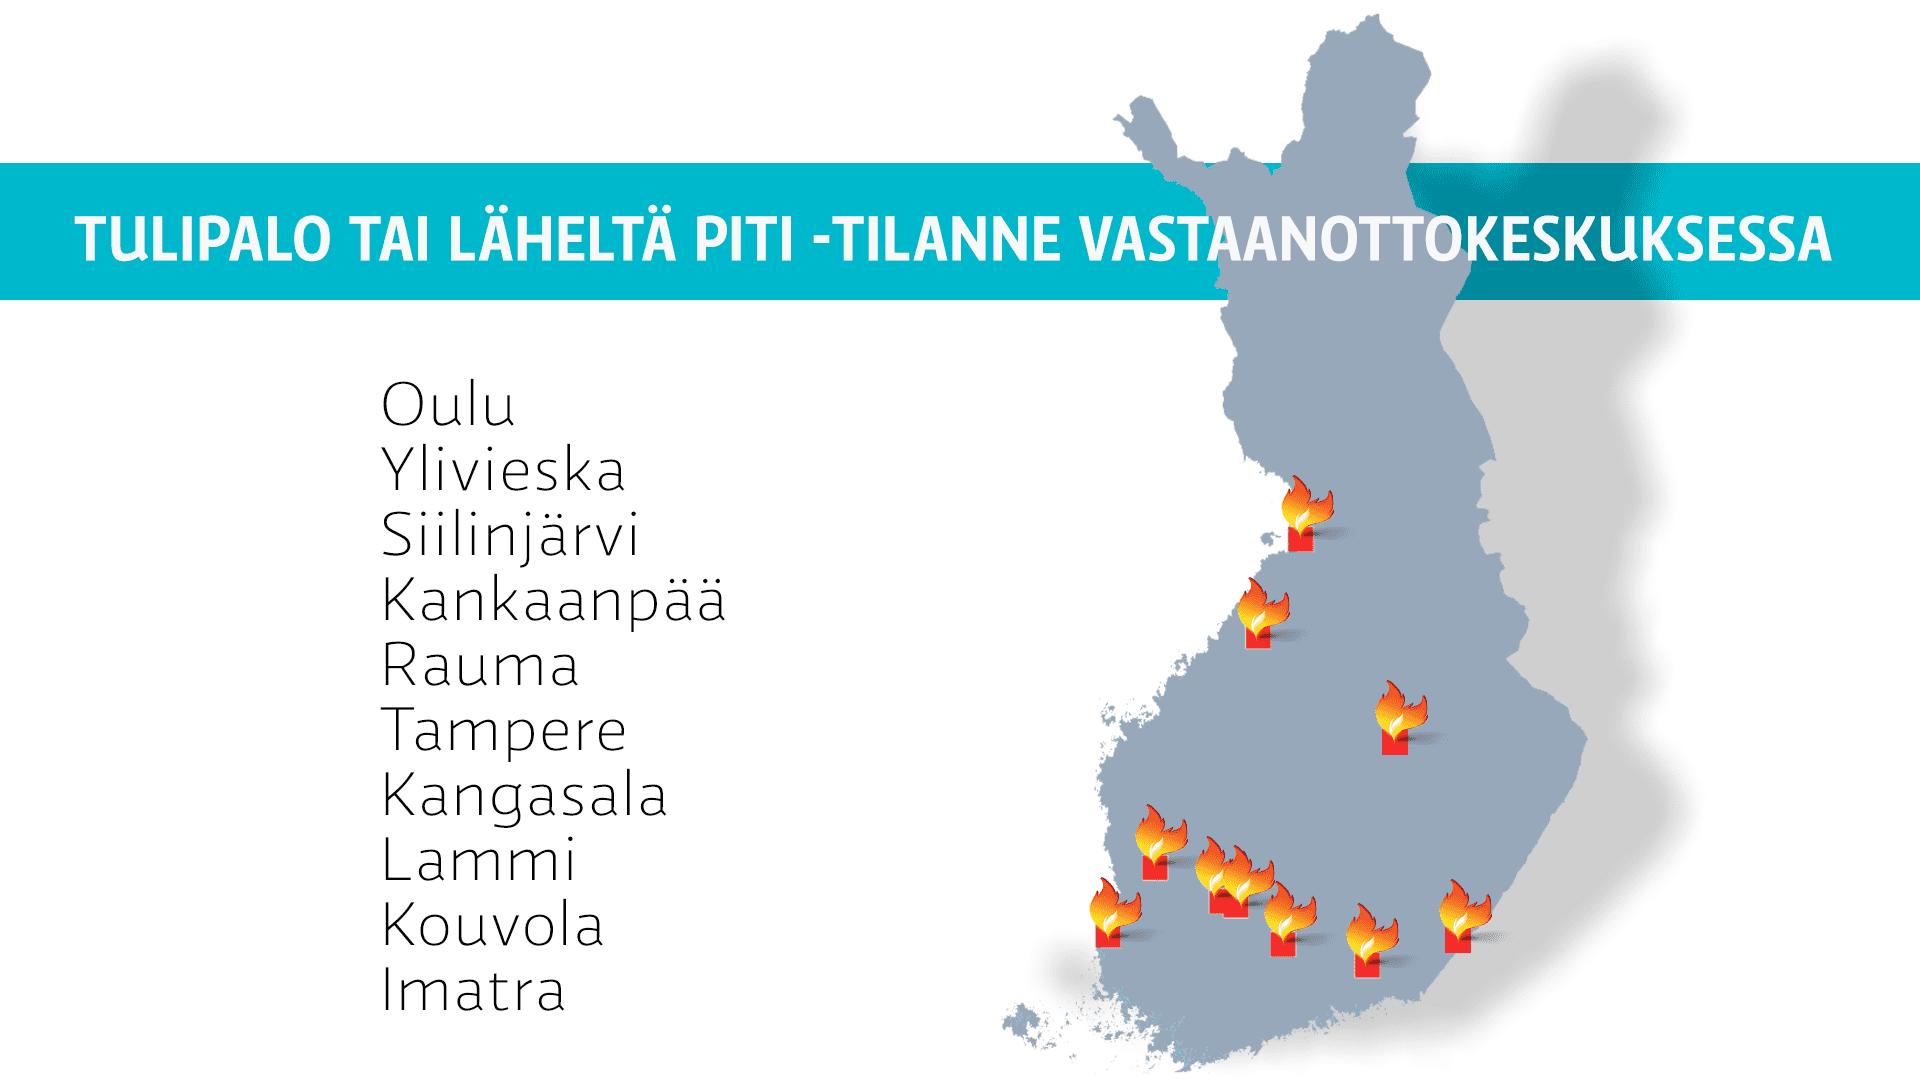 Paikkakunnat, joiden vastaanottokeskuksissa on ollut tulipalo tai läheltä piti -tilanne